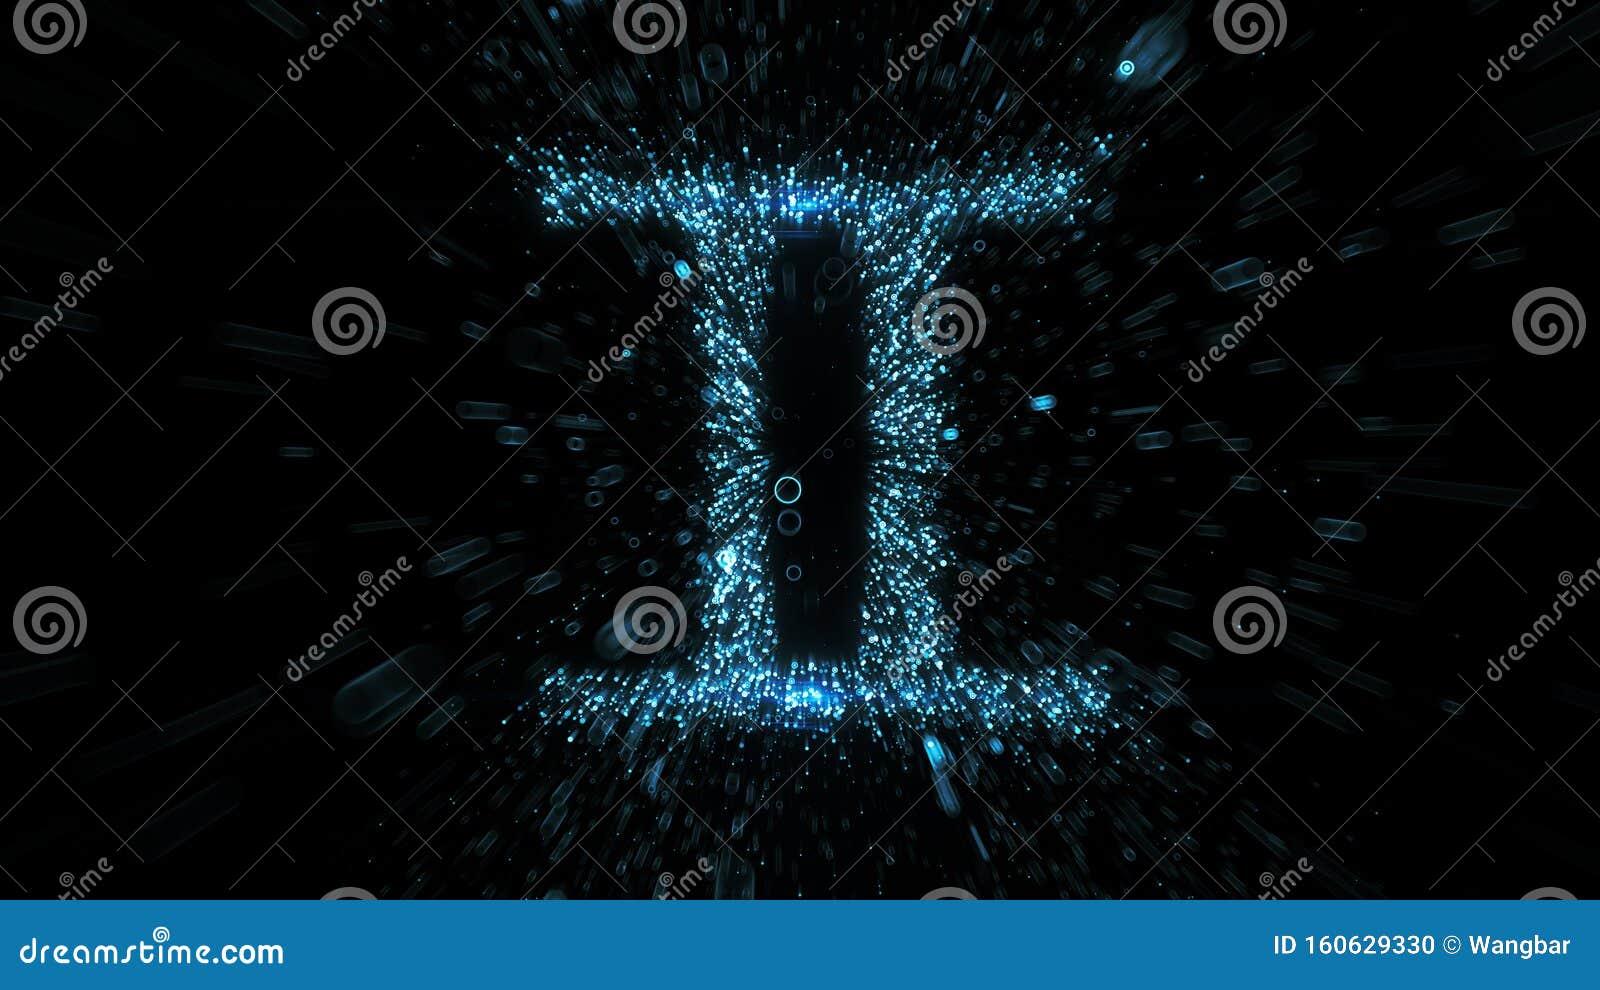 Gemini astrological symbol in space